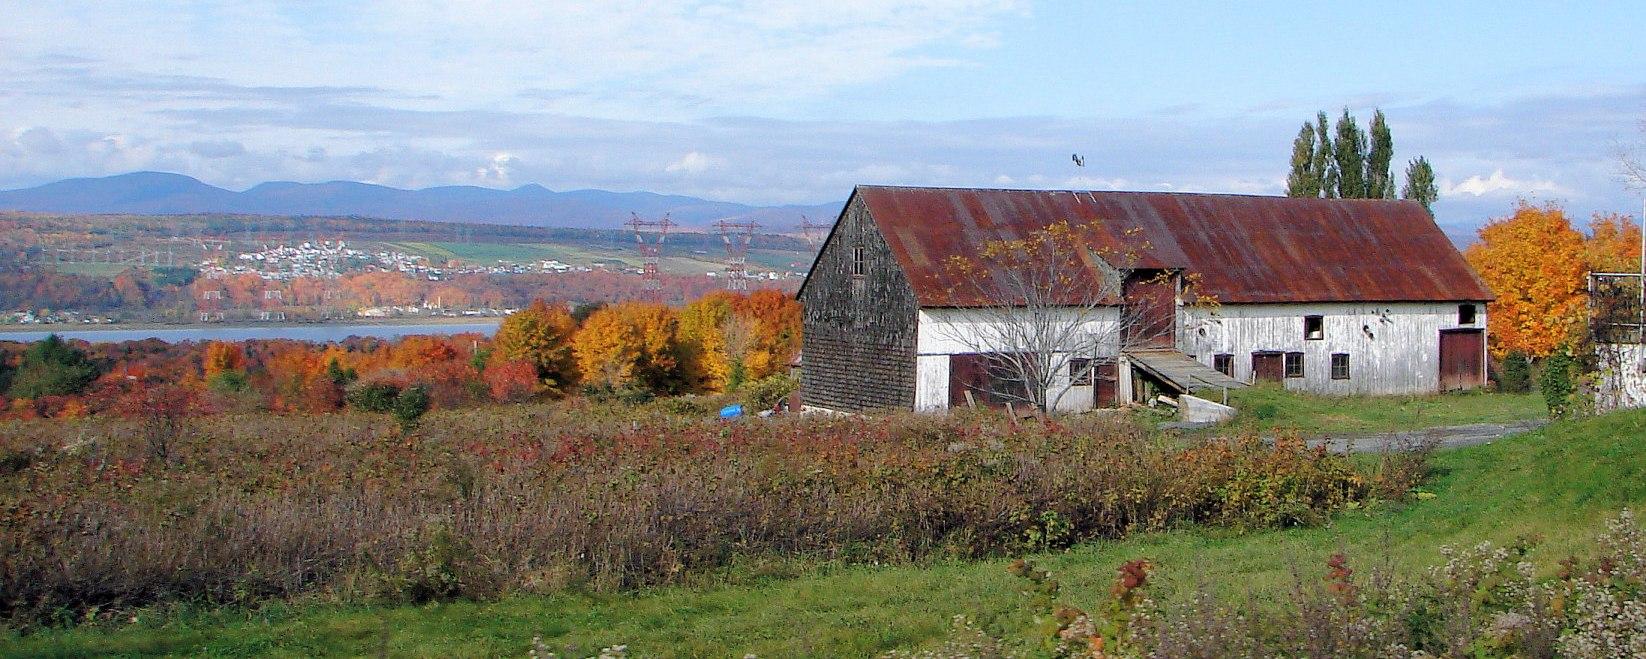 File saint pierre de l ile d wikimedia commons for Maison pierre modele orleans